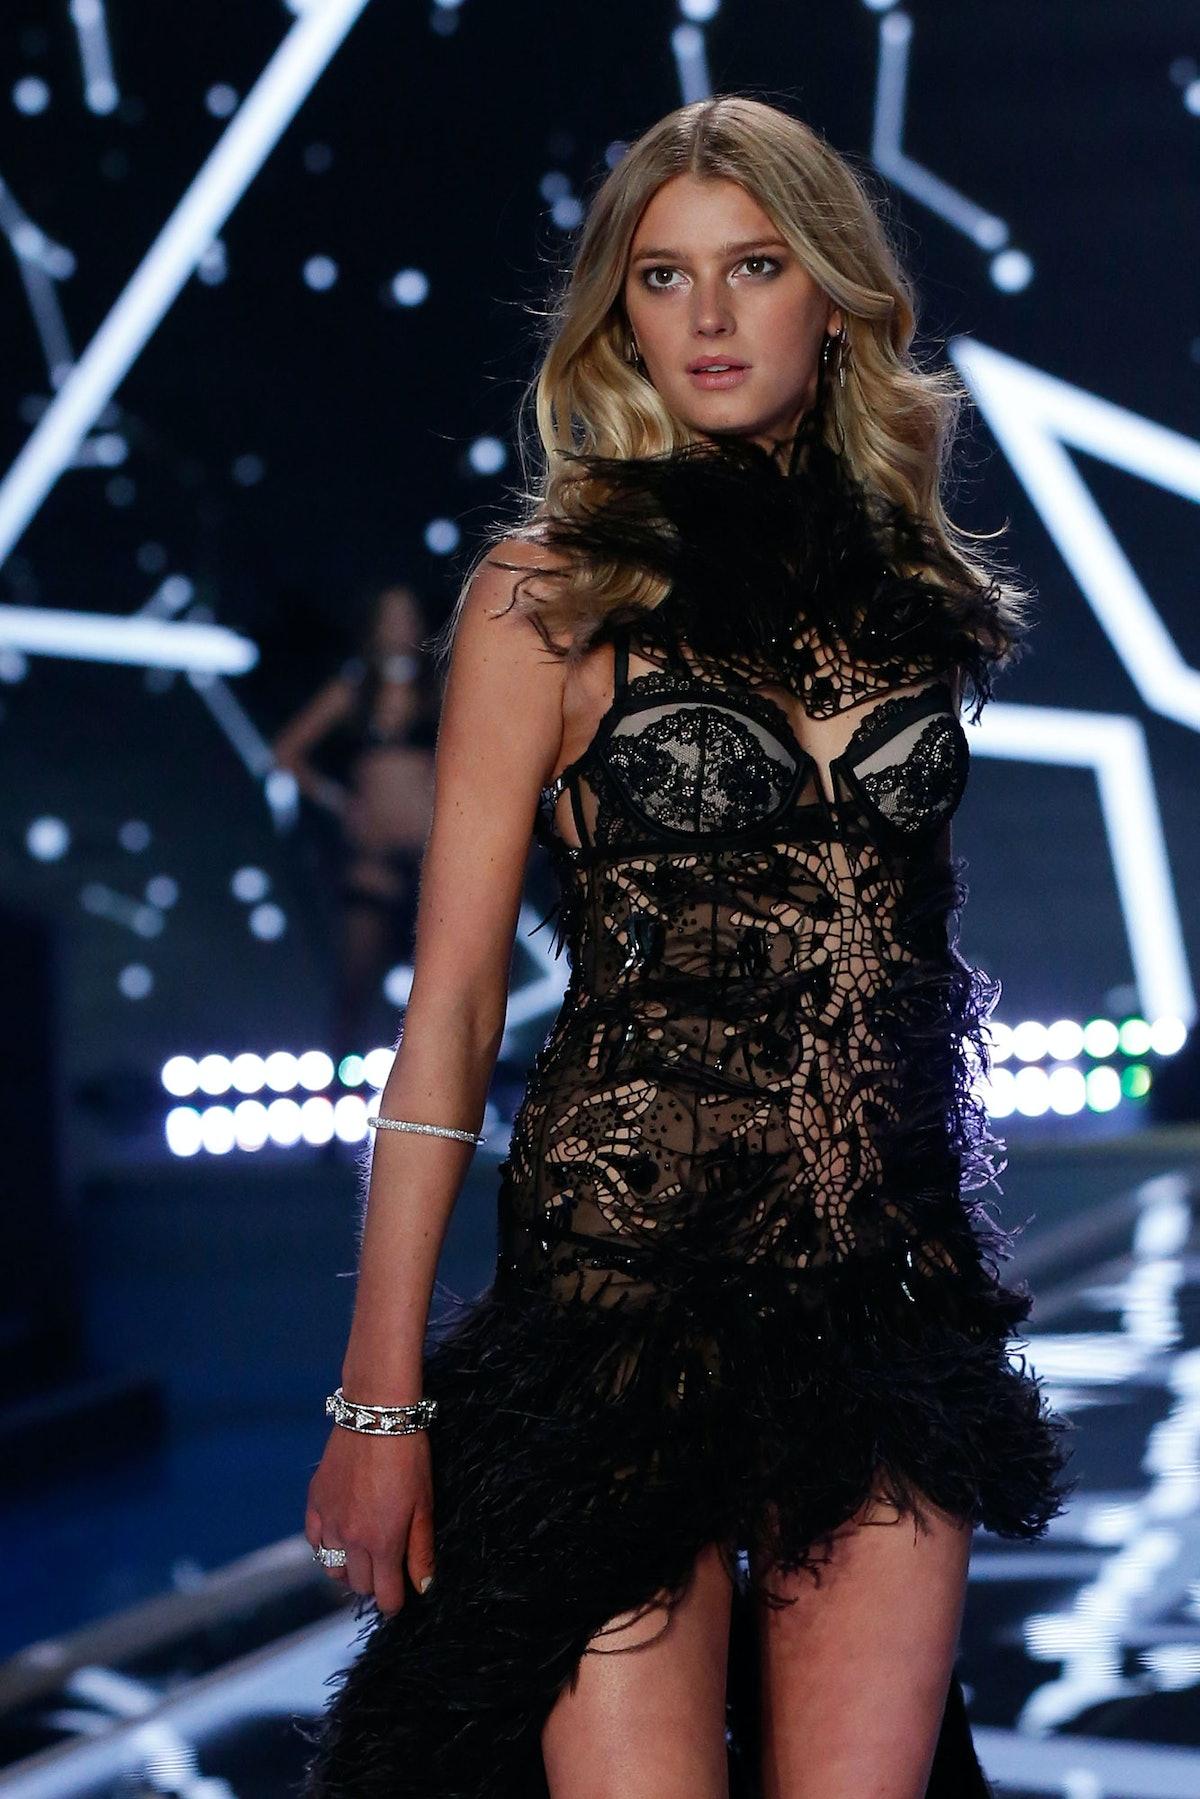 The 2014 Victoria's Secret Fashion Show